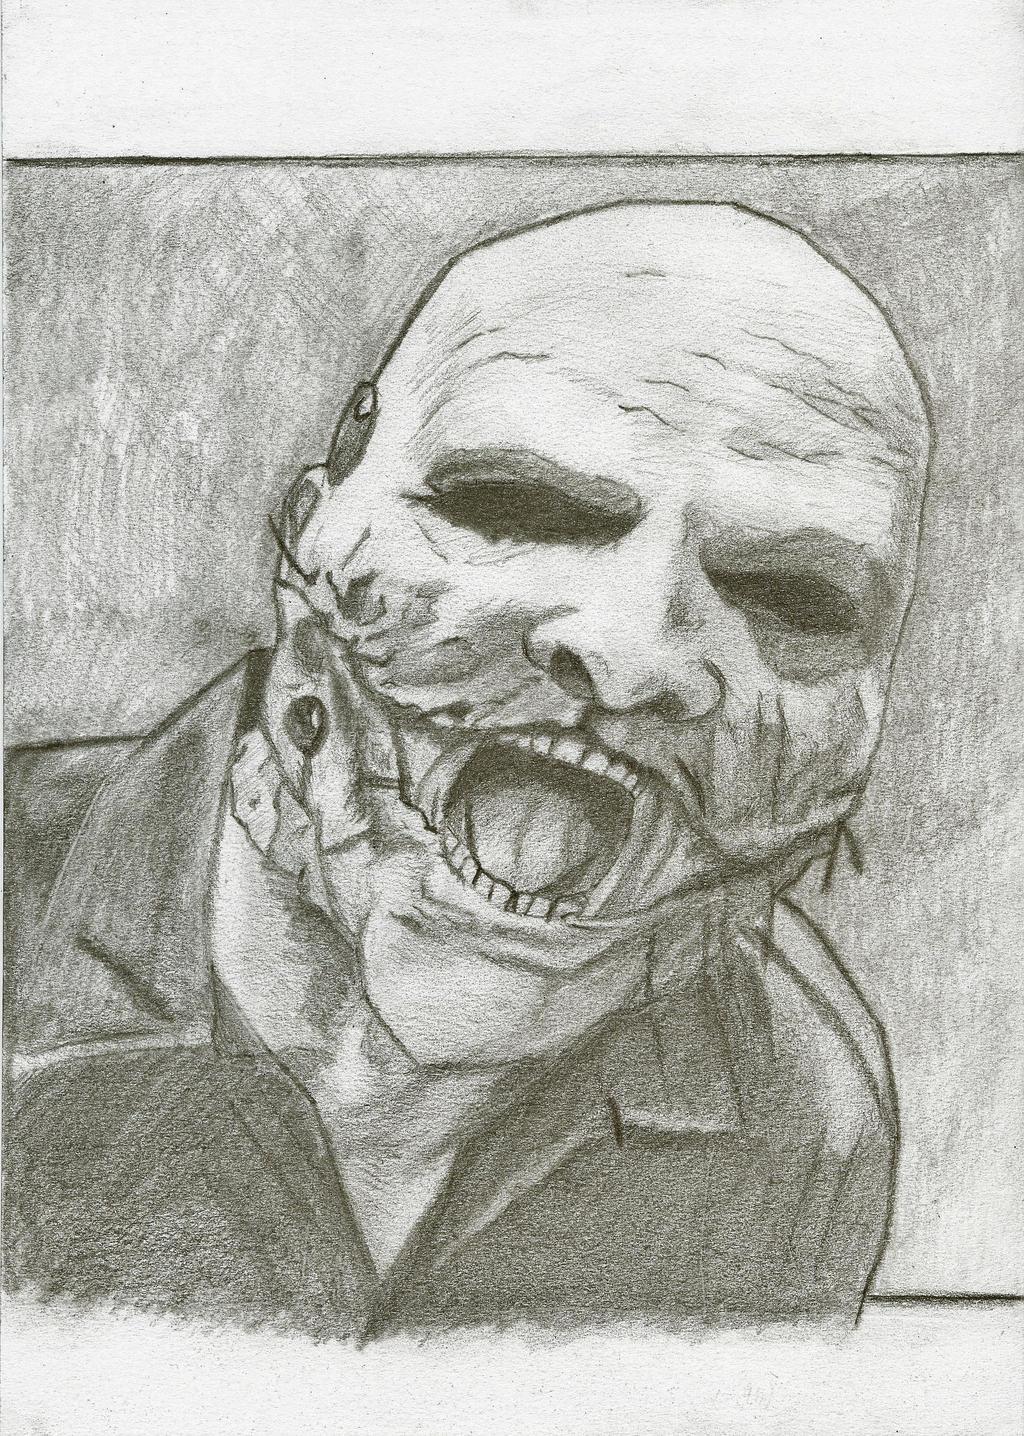 corey taylor sketch by haganax on deviantart